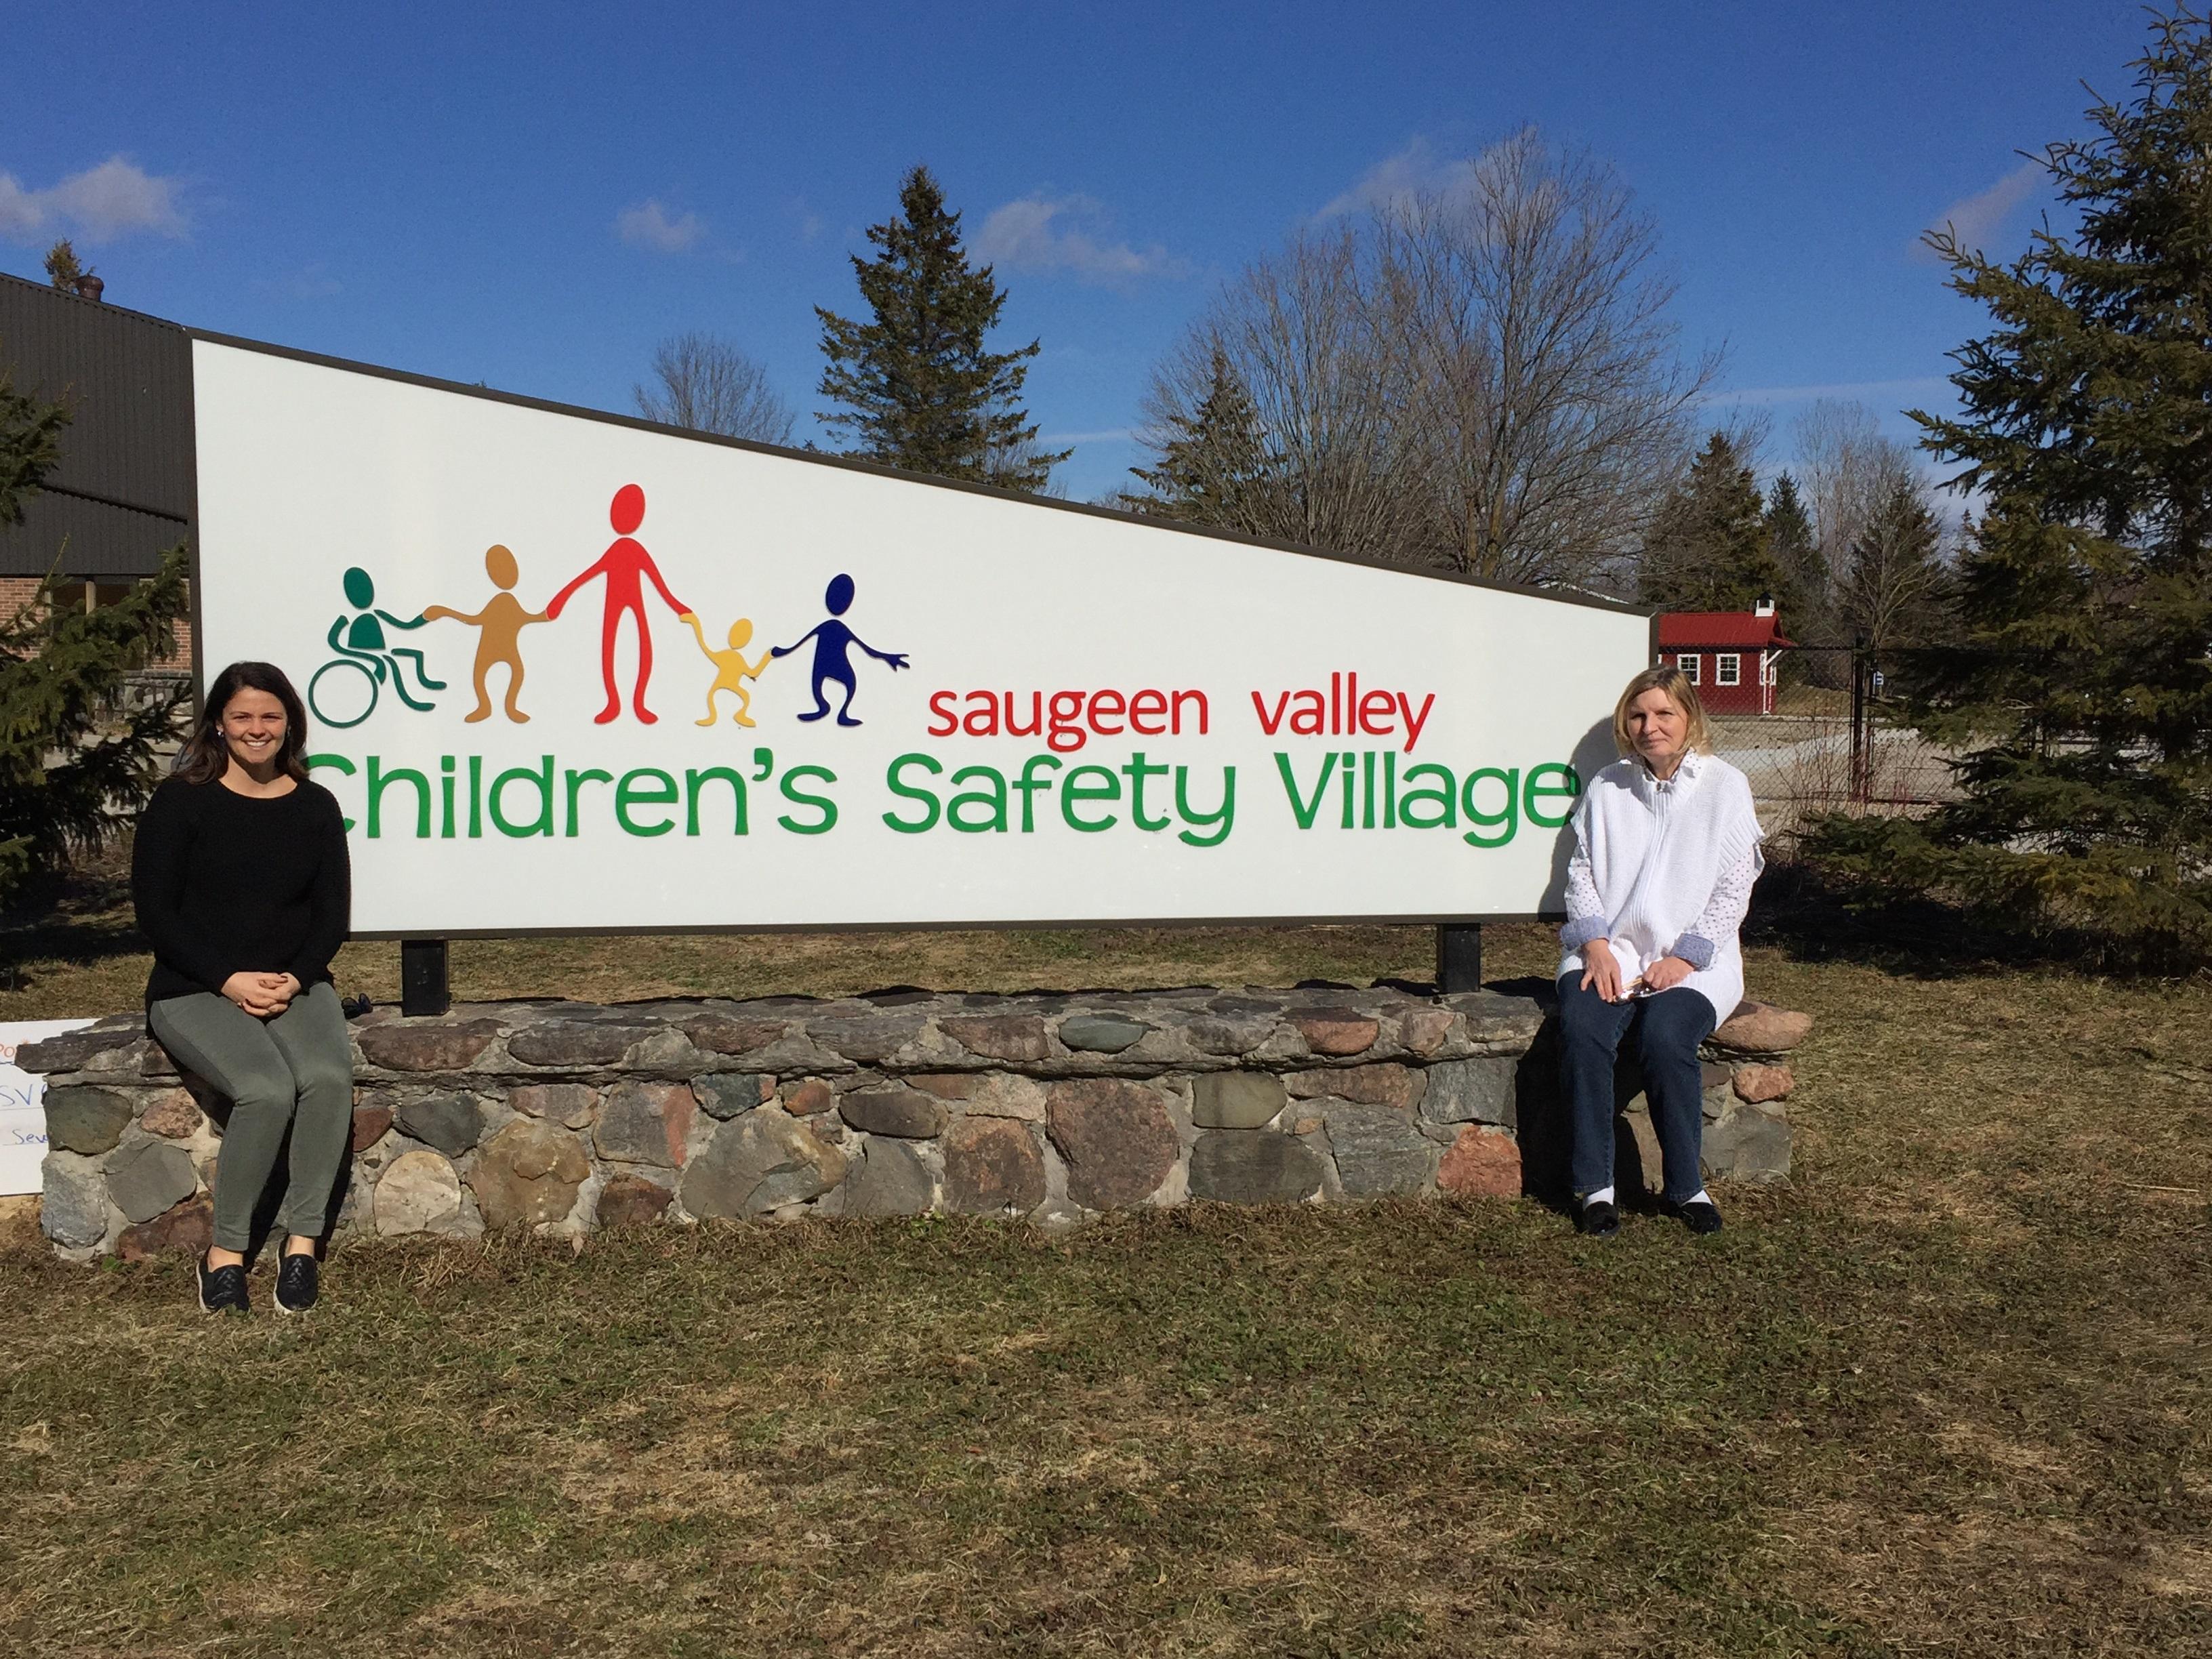 Saugeen Valley Children's Safety Village